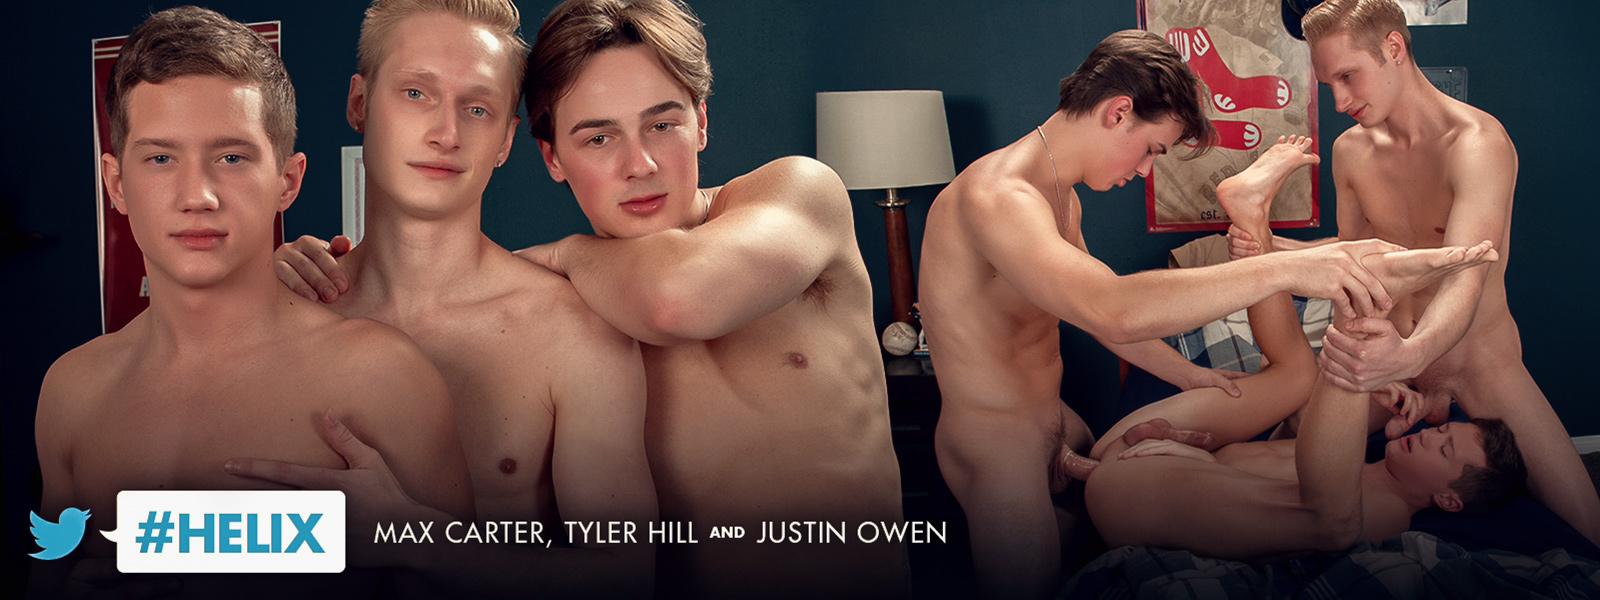 #helix: Max Carter, Tyler Hill & Justin Owen